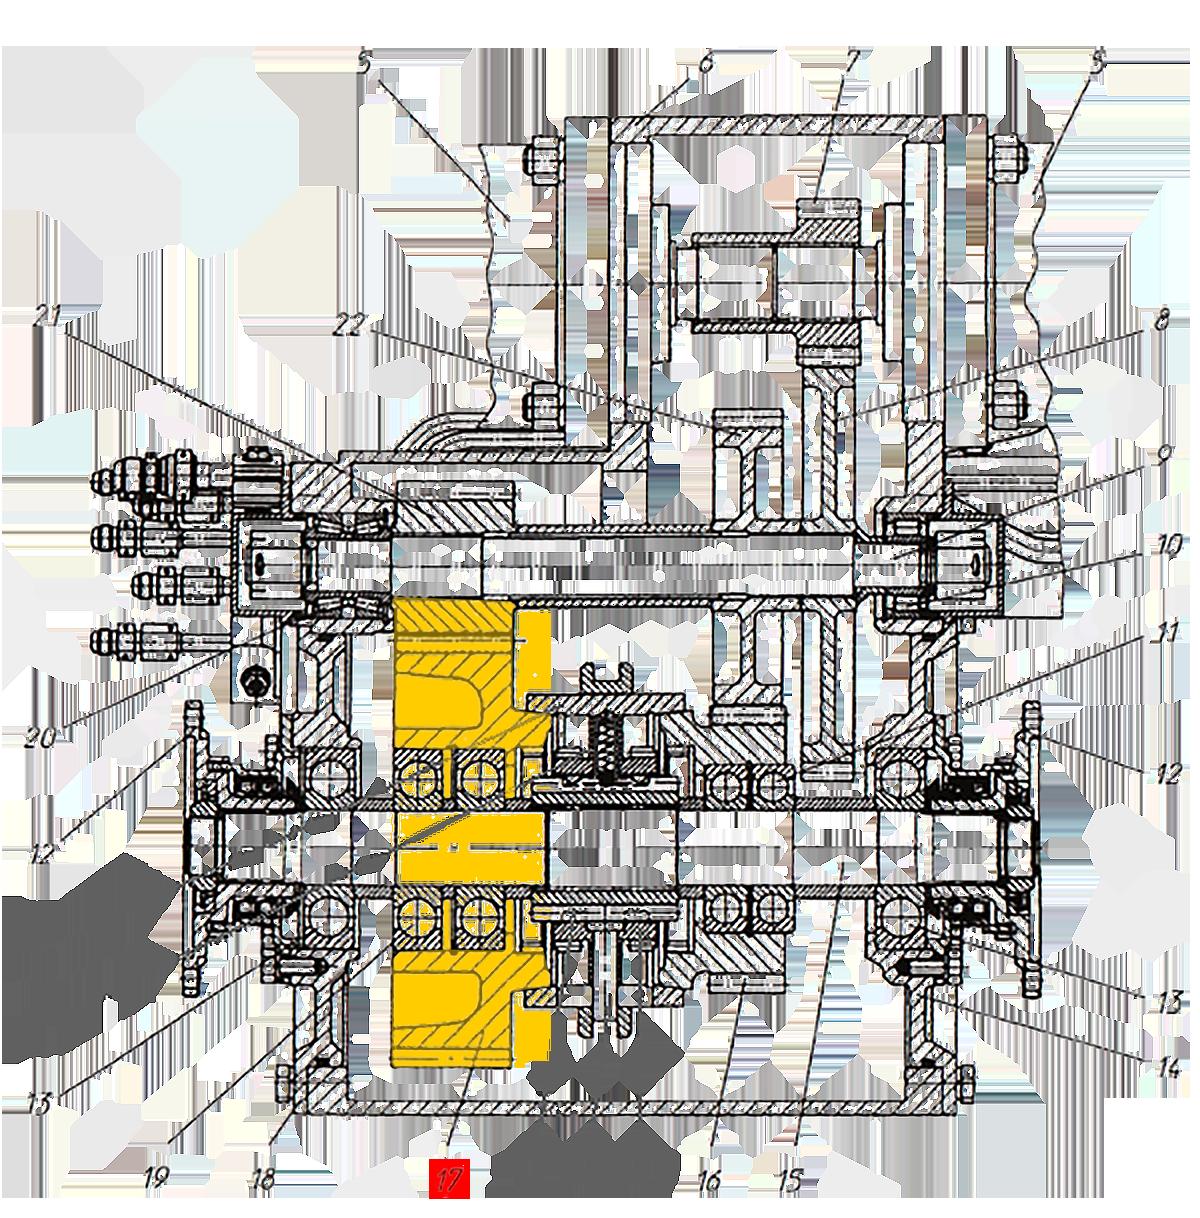 Шестерня Э20.01.02.083 коробки передач ЭО-33211